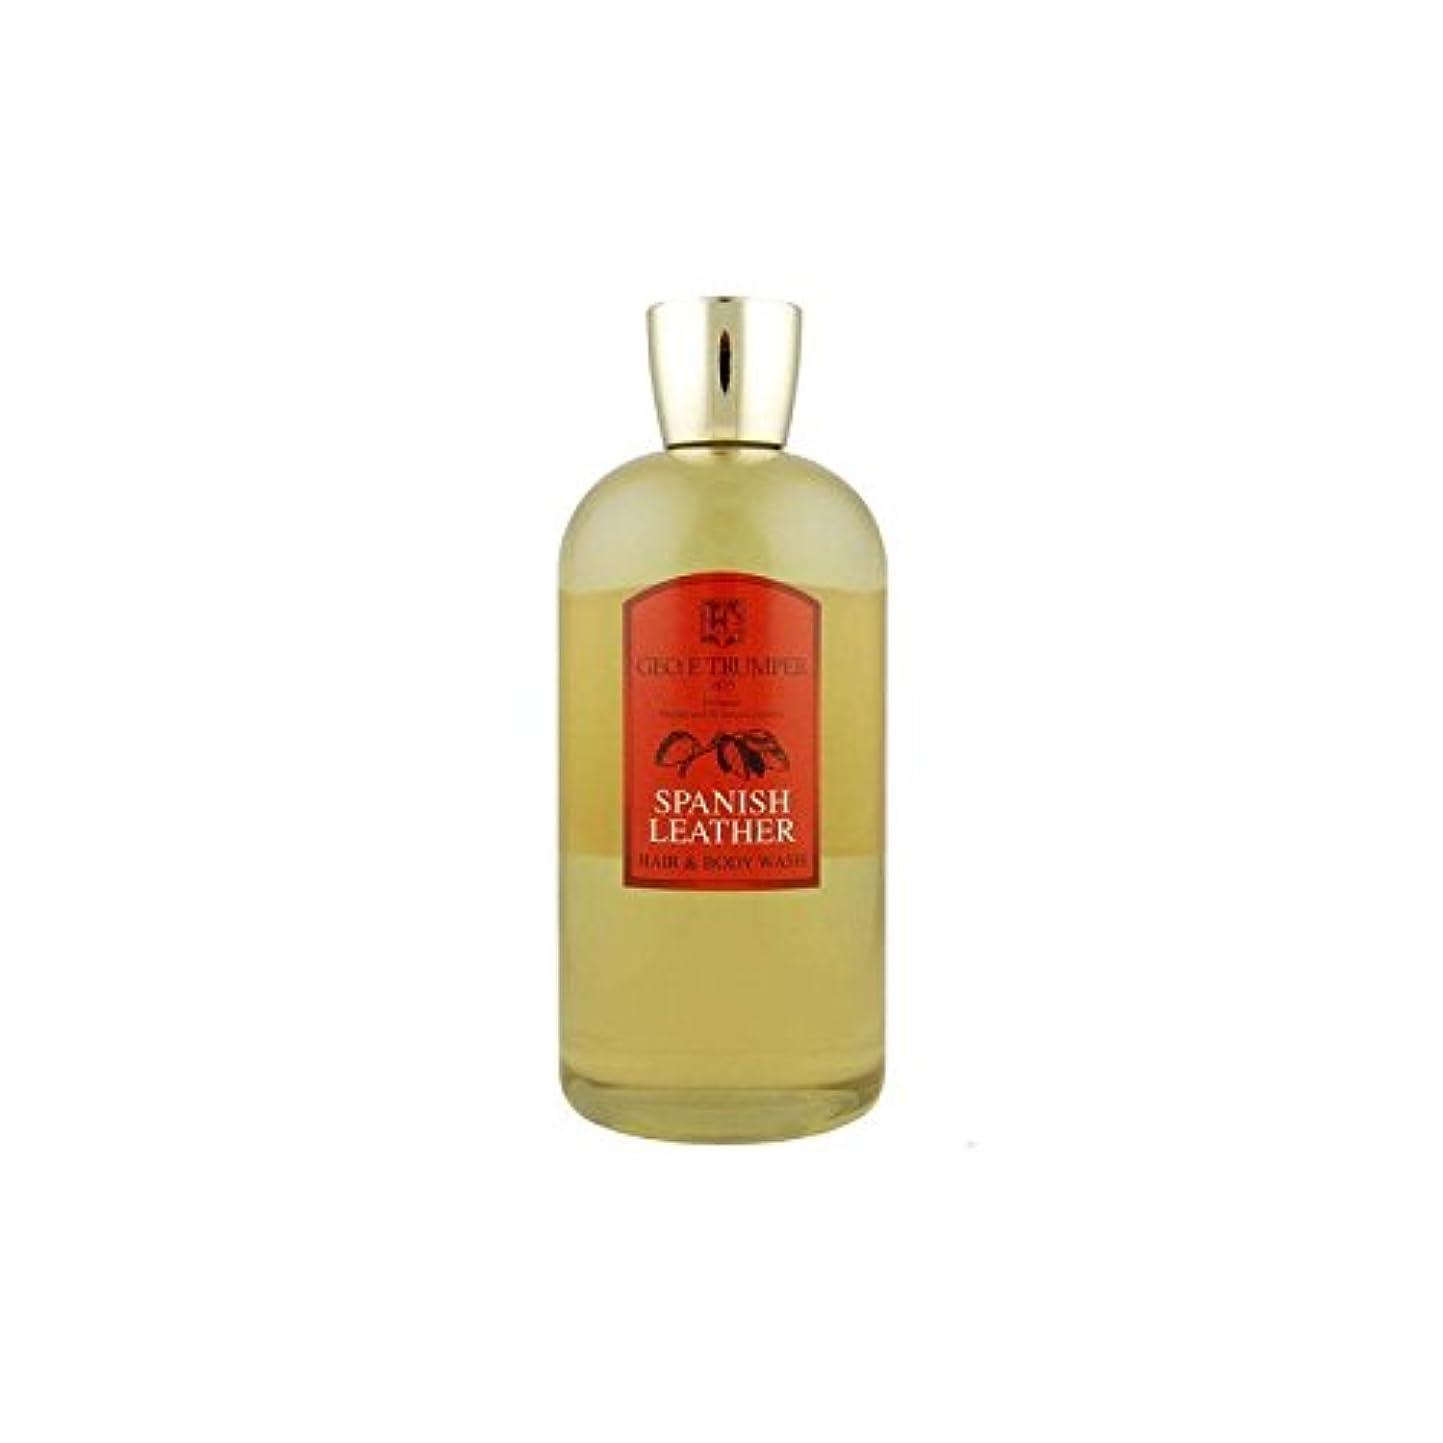 サロン引き出す偶然の革の髪とボディウォッシュスペイン語 - 500ボトル x2 - Trumpers Spanish Leather Hair and Body Wash - 500mlTravel Bottle (Pack of 2) [並行輸入品]